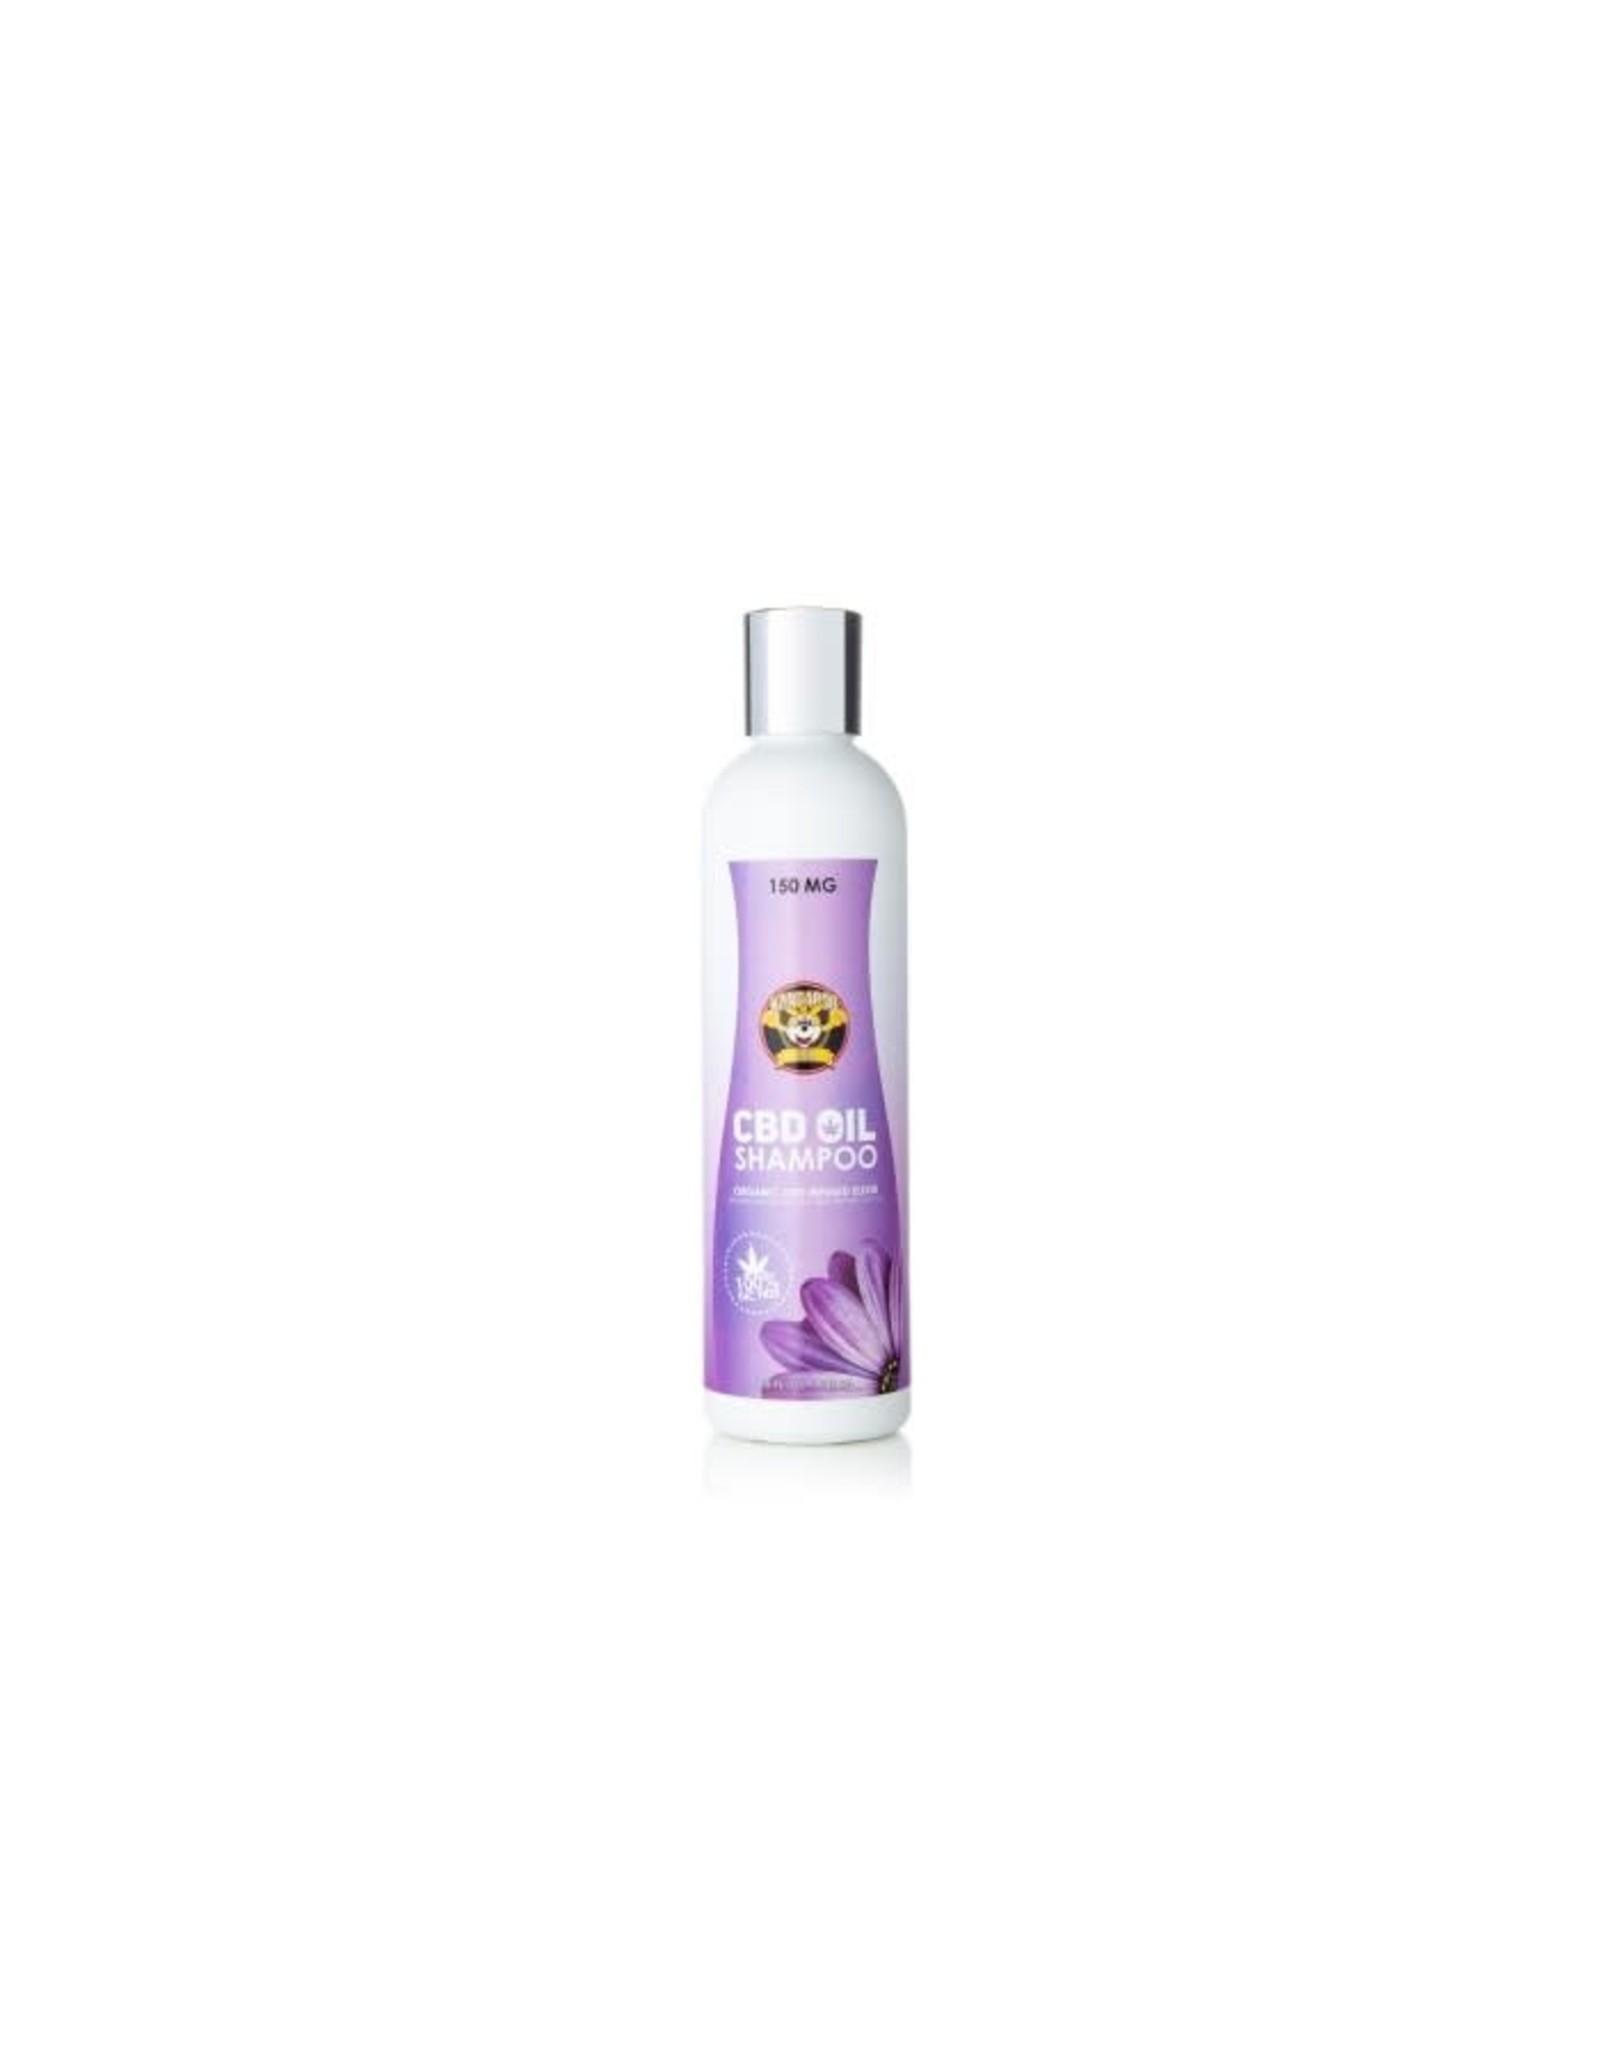 Kangaroo CBD Kangaroo CBD Oil Shampoo 150mg 8oz